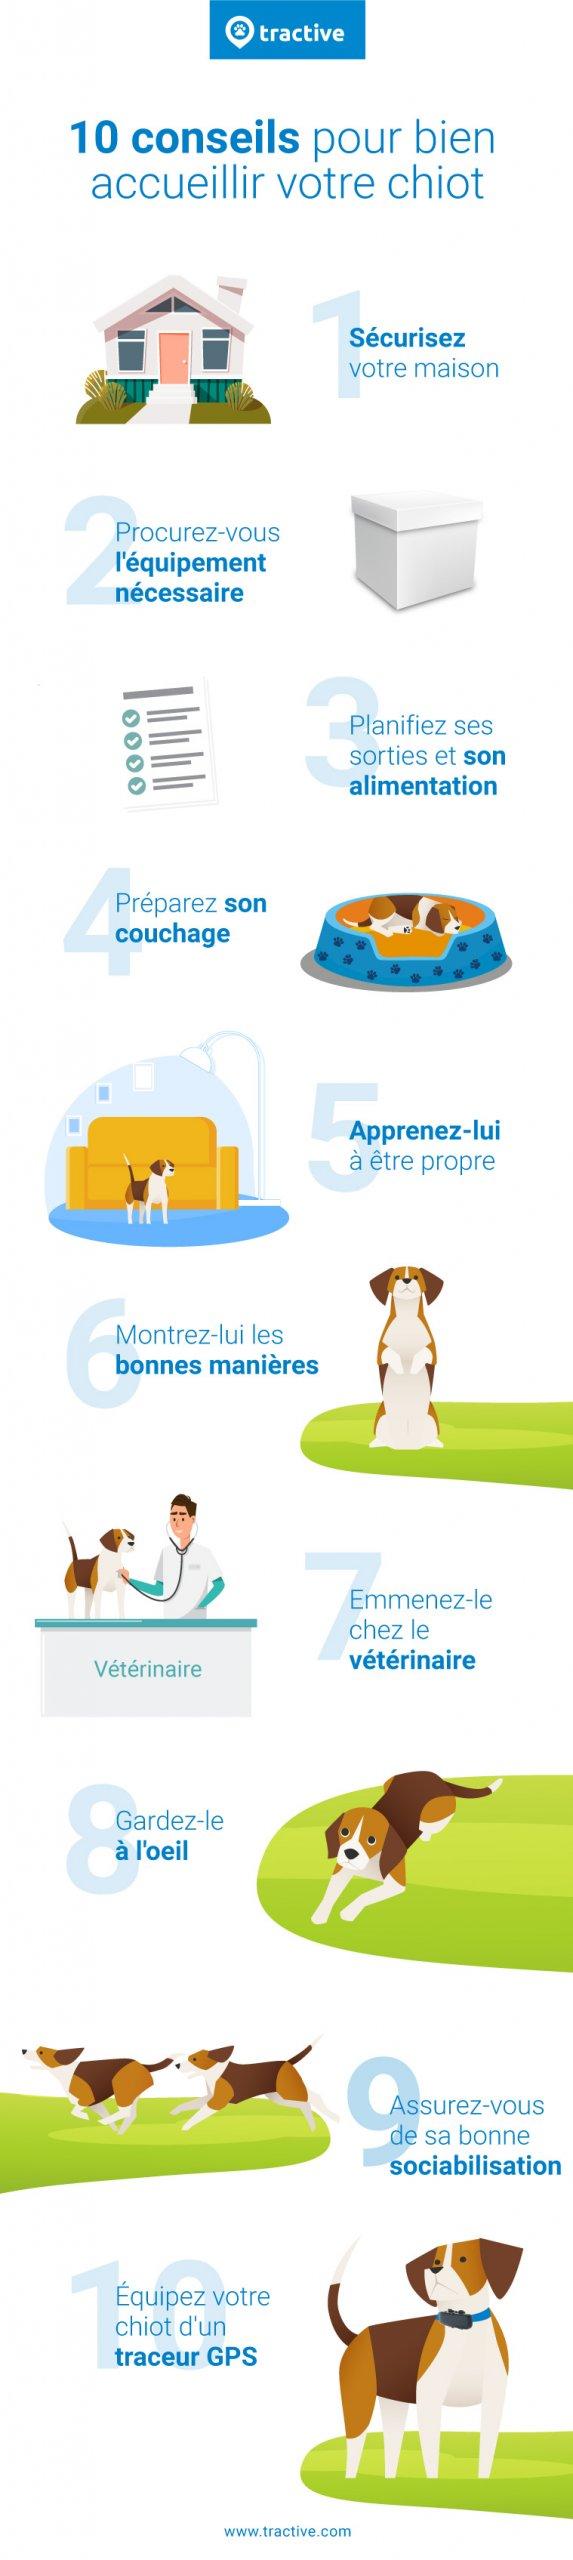 Infographie listant 10 conseils pour bien accueillir votre chiot